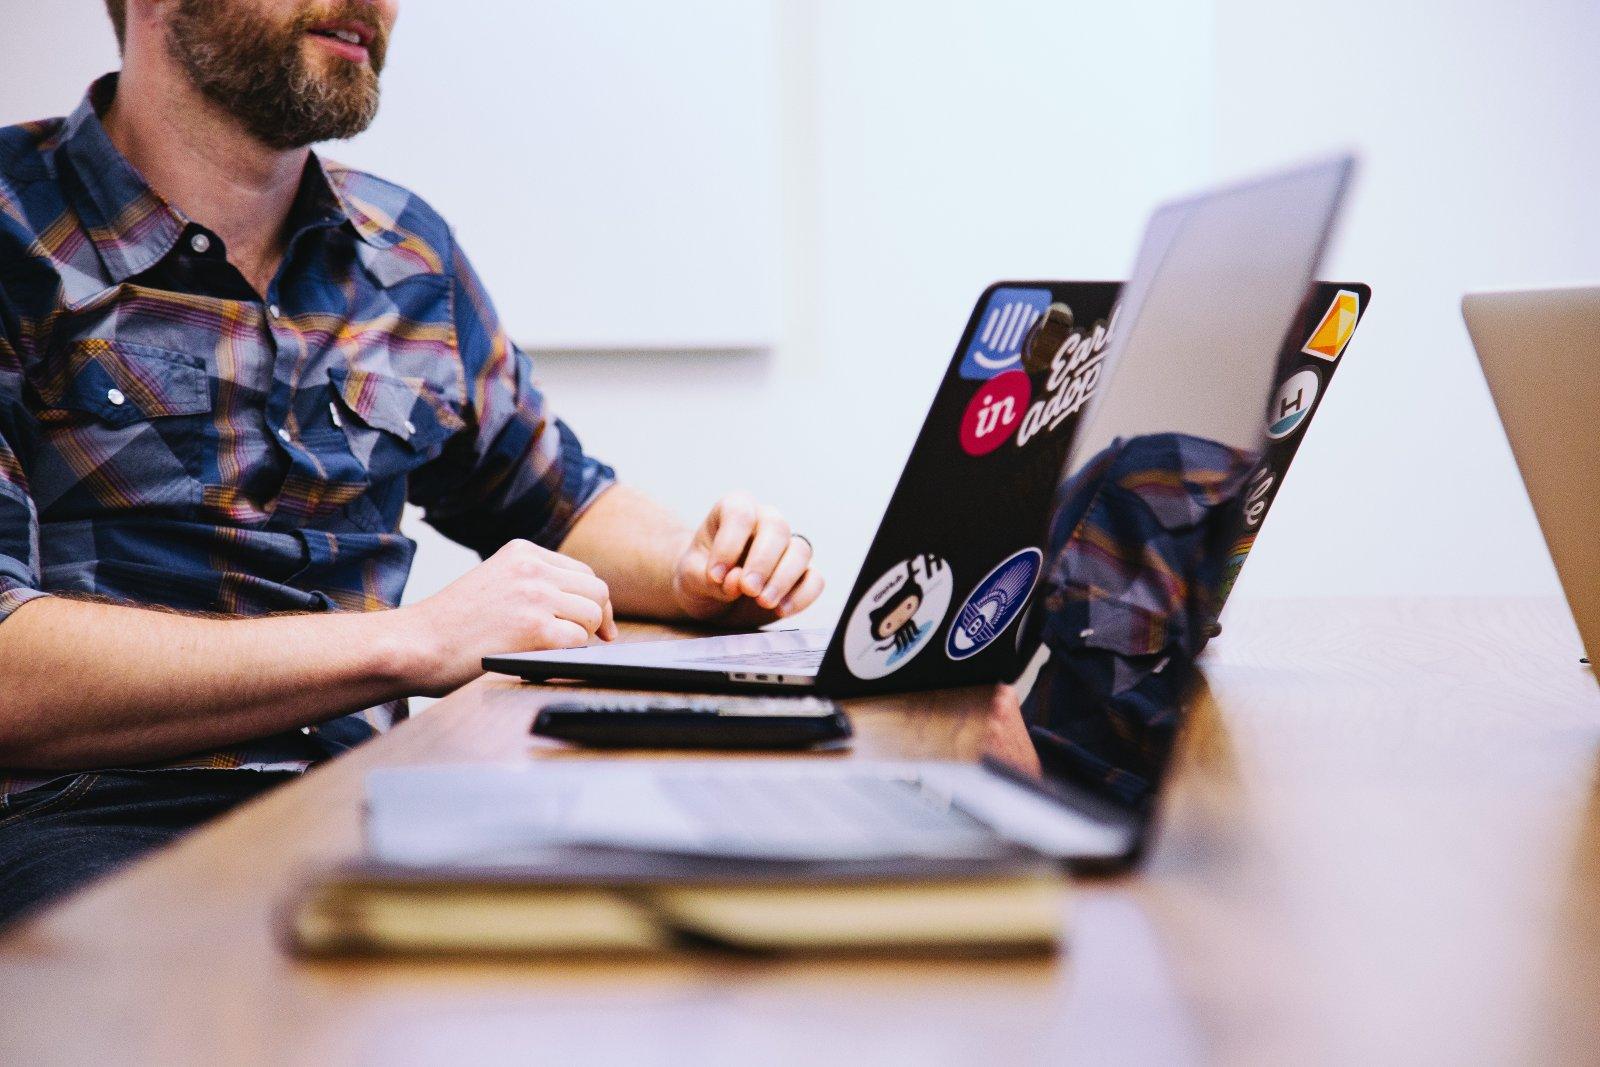 Les meilleurs outils de communication pour donner des cours en ligne